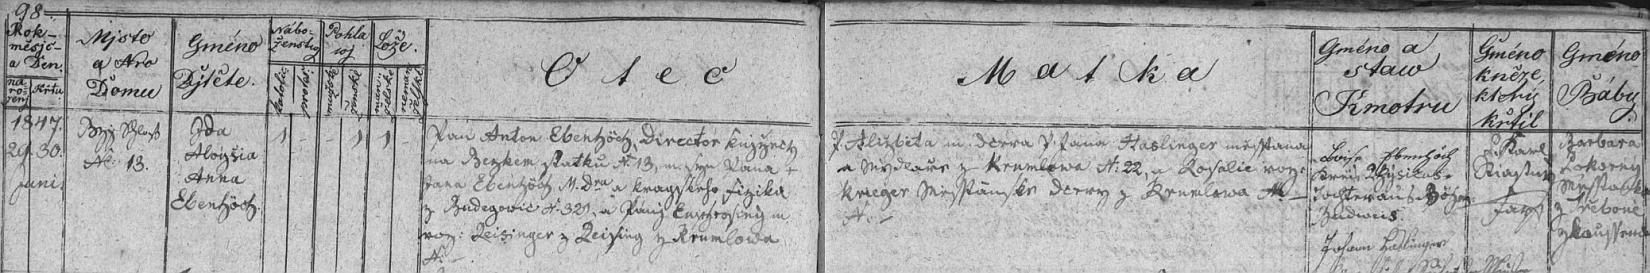 """Záznam o narození Idy Aloysie Anny Ebënhöchové dne 29. června roku 1847 ve Bzí čp. 13 (zámek) na stránkách křestní matriky farní obce Modrá Hůrka - otec Anton Ebenhöch, syn MUDr. Jana Ebenhöcha, krajského """"fizika"""" z Českých Budějovic čp. 321, a jeho ženy Eufrosiny, """"roz. Reisinger z Reising"""", byl knížecím direktorem """"na Bezkém (!) statku"""", matka """"Aližběta"""" byla dcerou Jana Haslingera, mydláře z Českého Krumlova čp. 22, a Rosalie, roz. """"Krieger"""" z Českého Krumlova"""